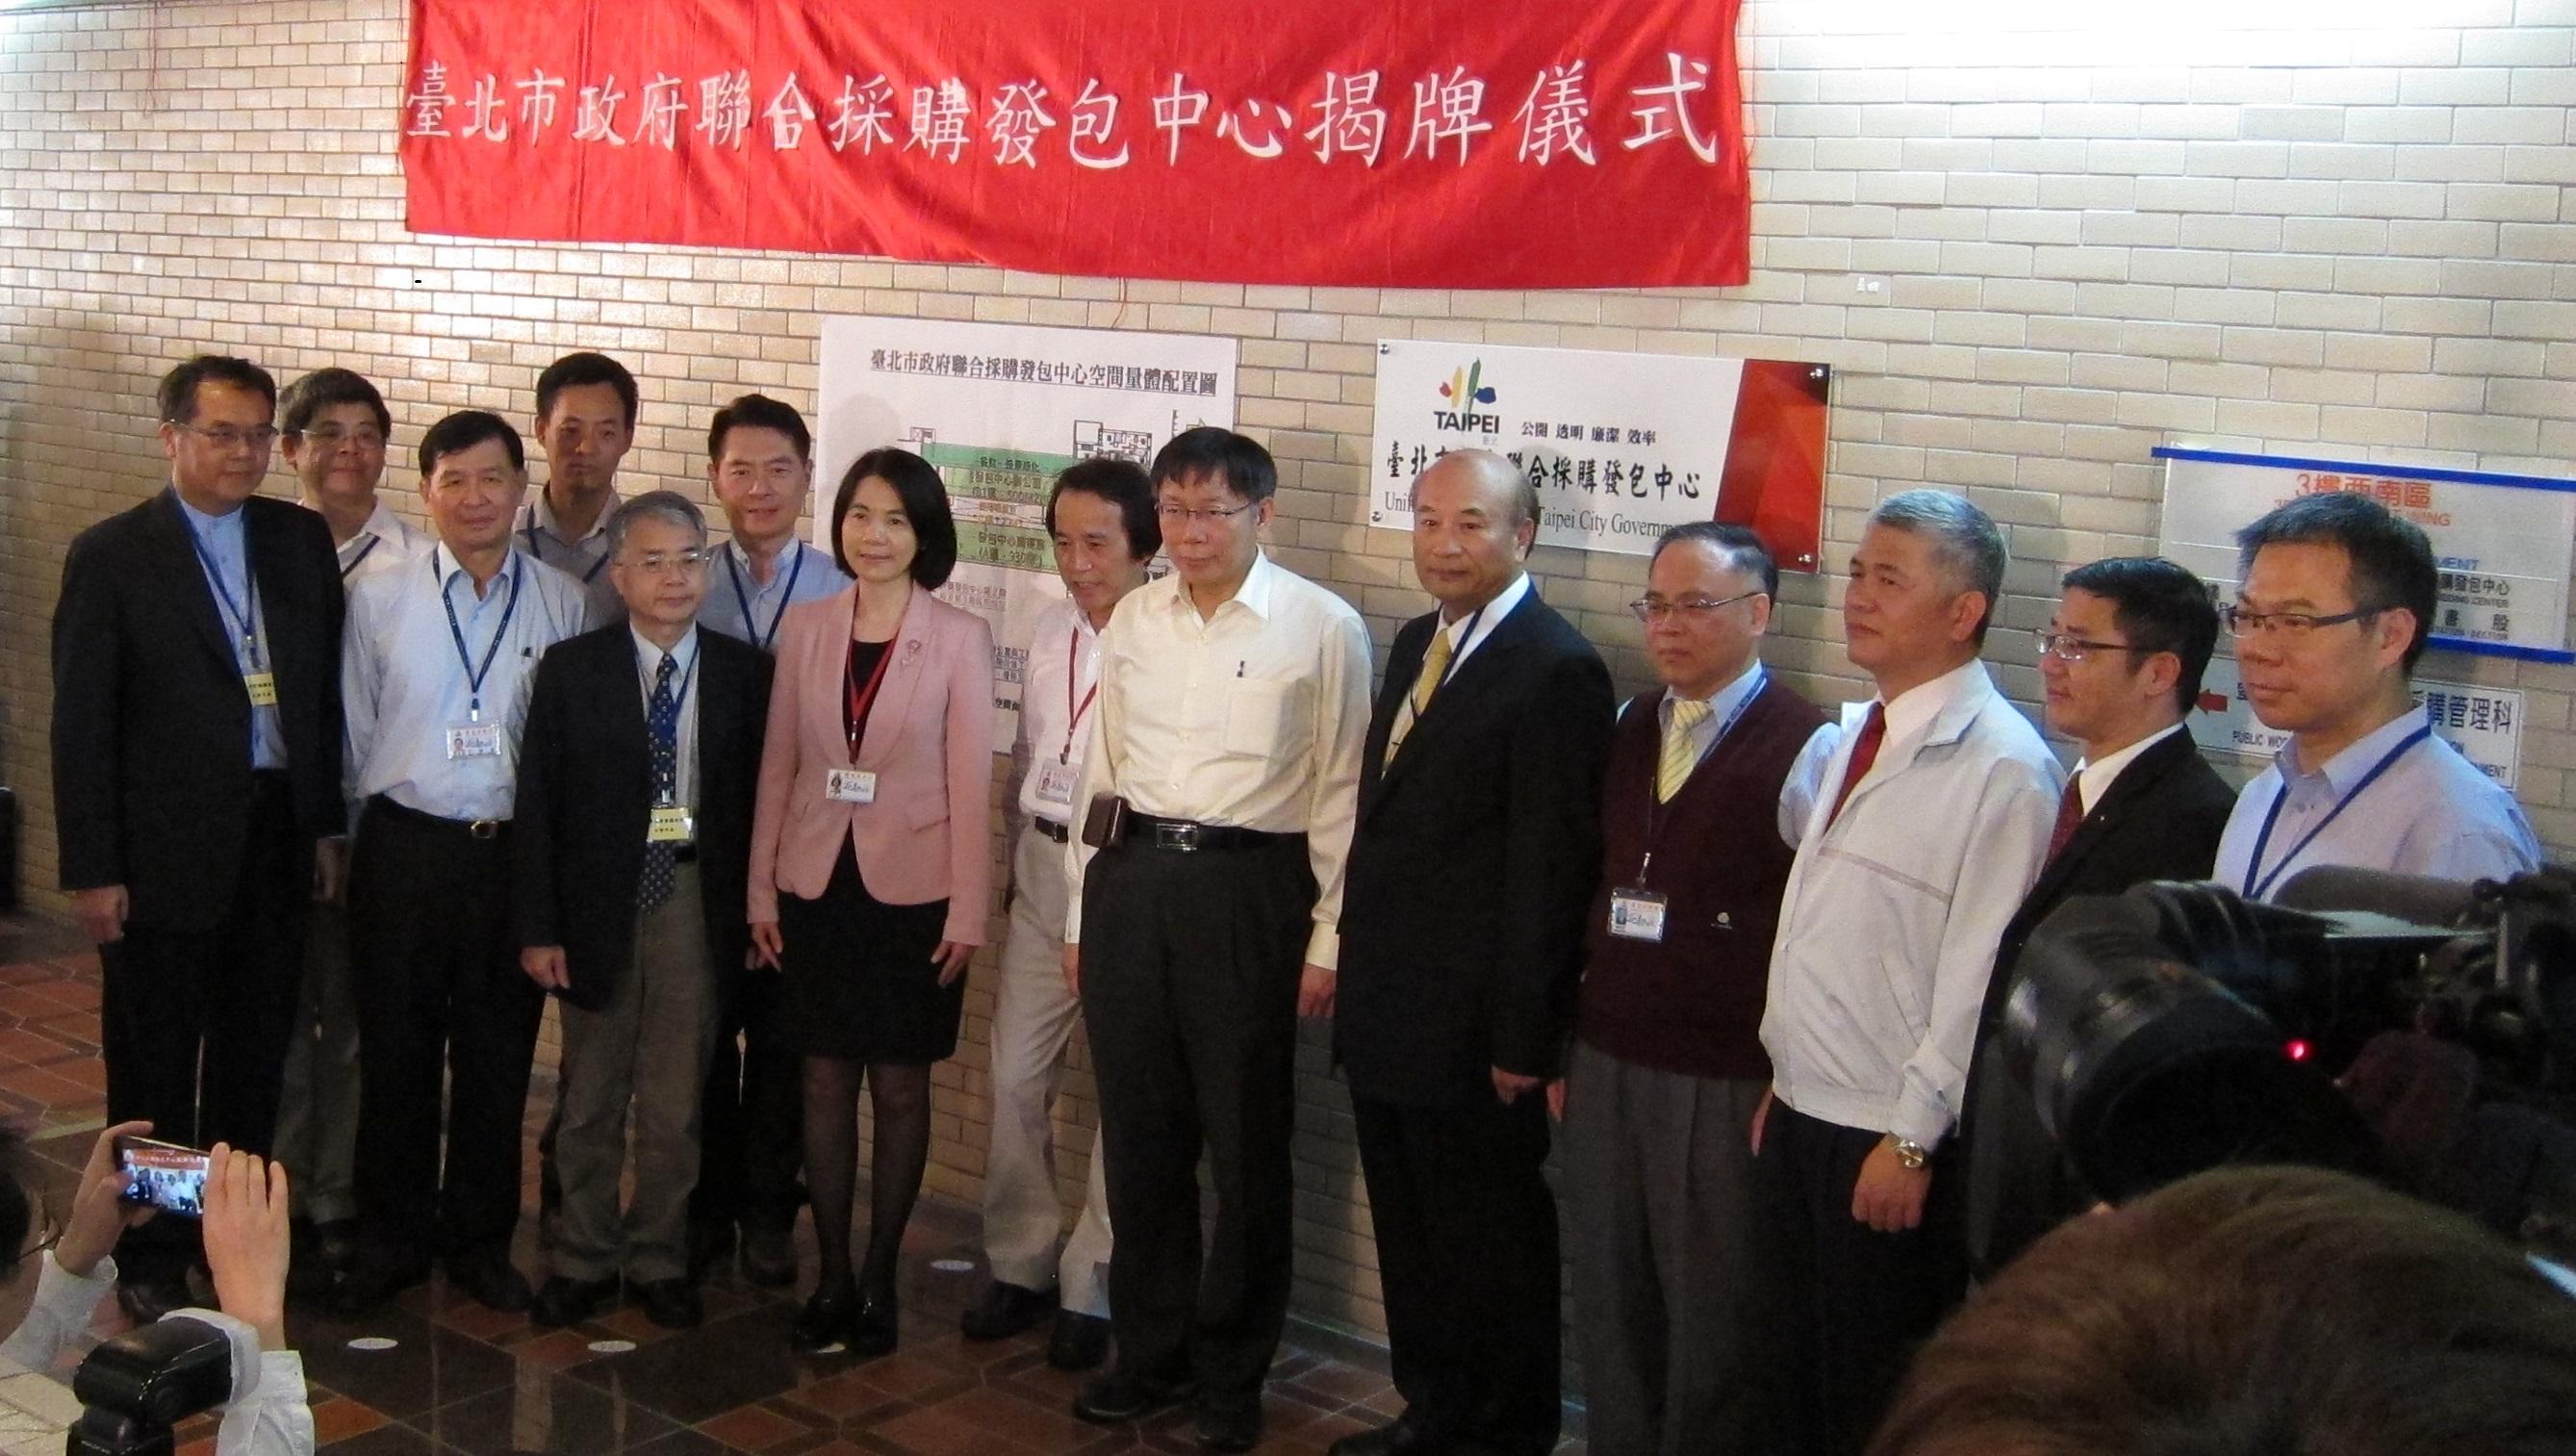 臺北市政府聯合採購發包中心揭牌儀式